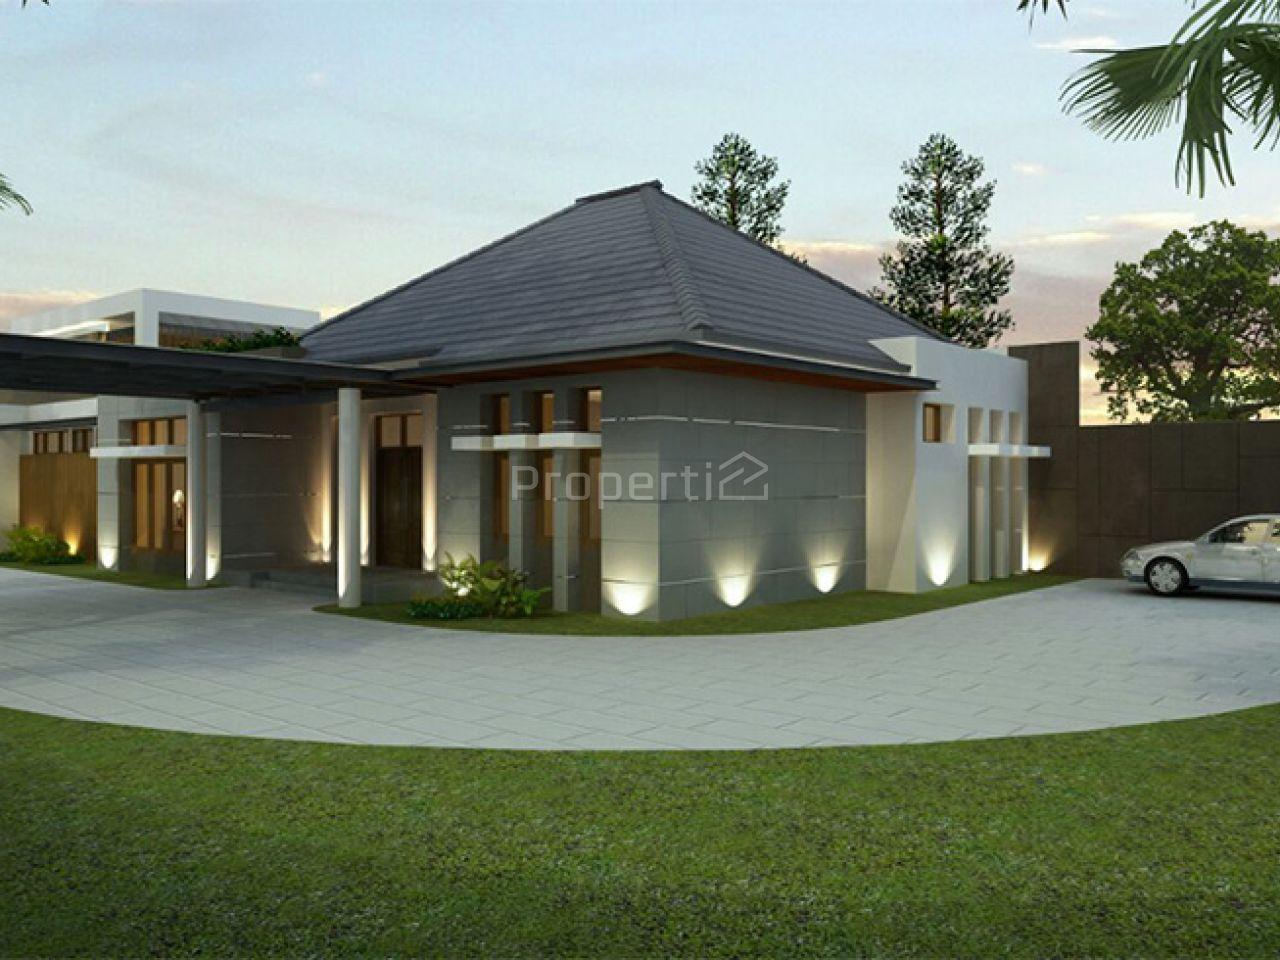 Rumah Mewah Baru di Cipaganti, Jawa Barat